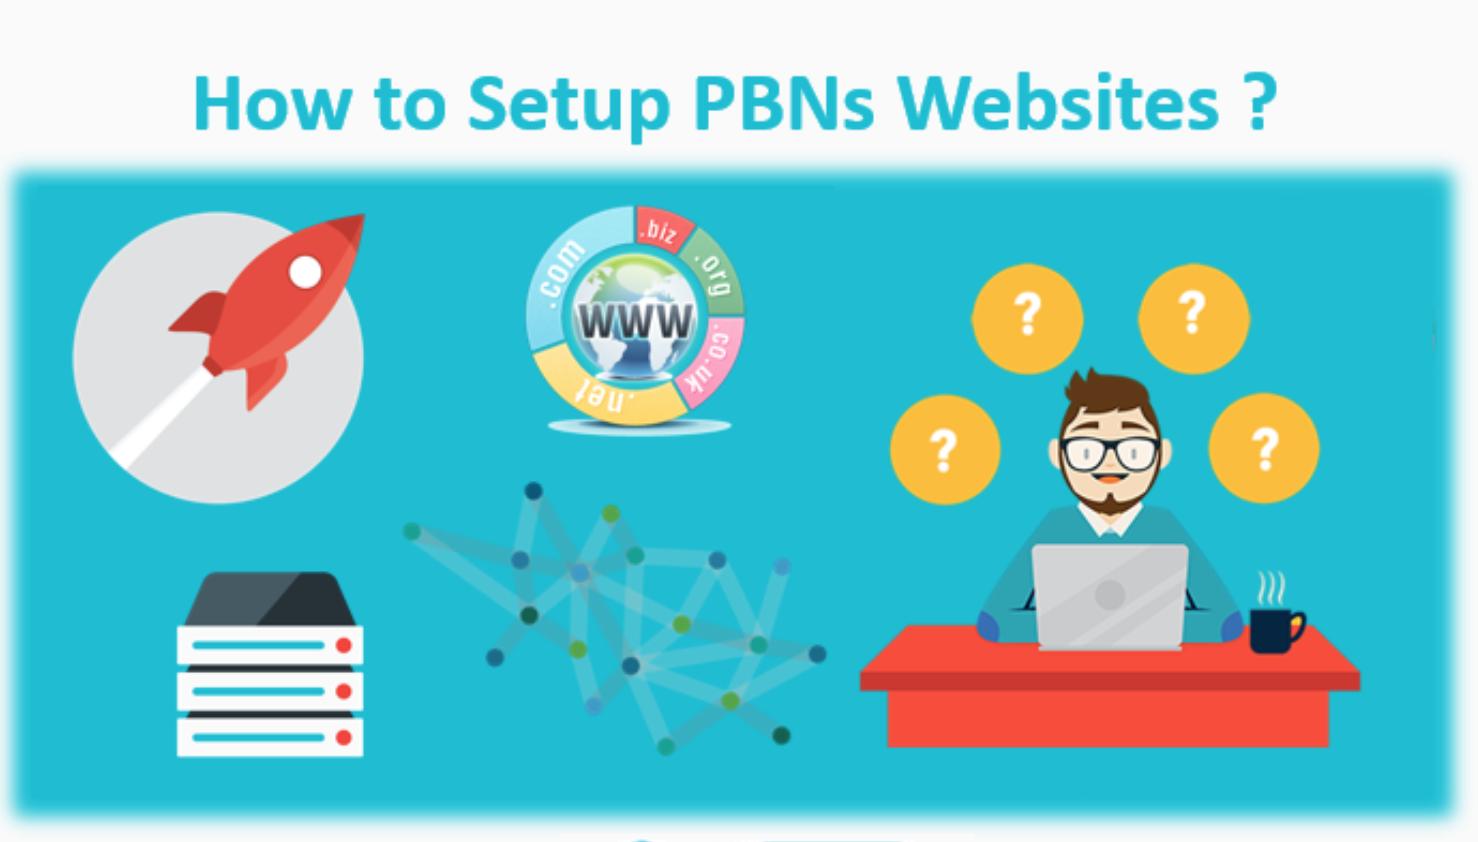 Tips giúp xây dựng được một PBN chất lượng